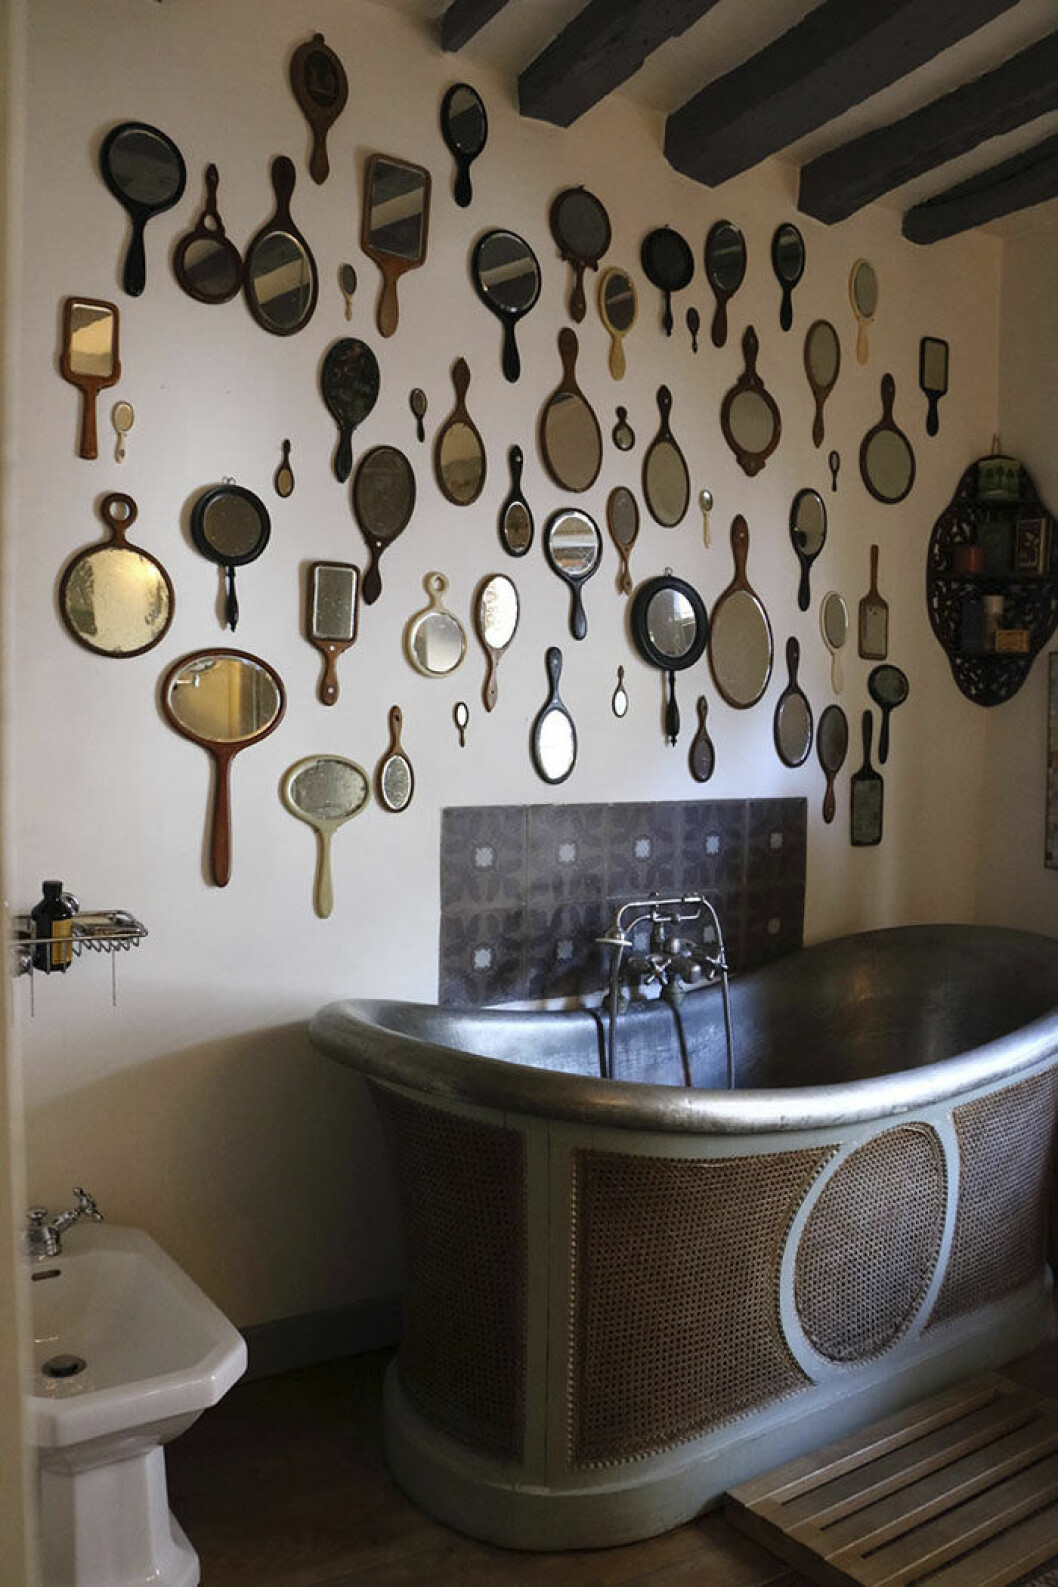 Handspeglar på vägg i badrum